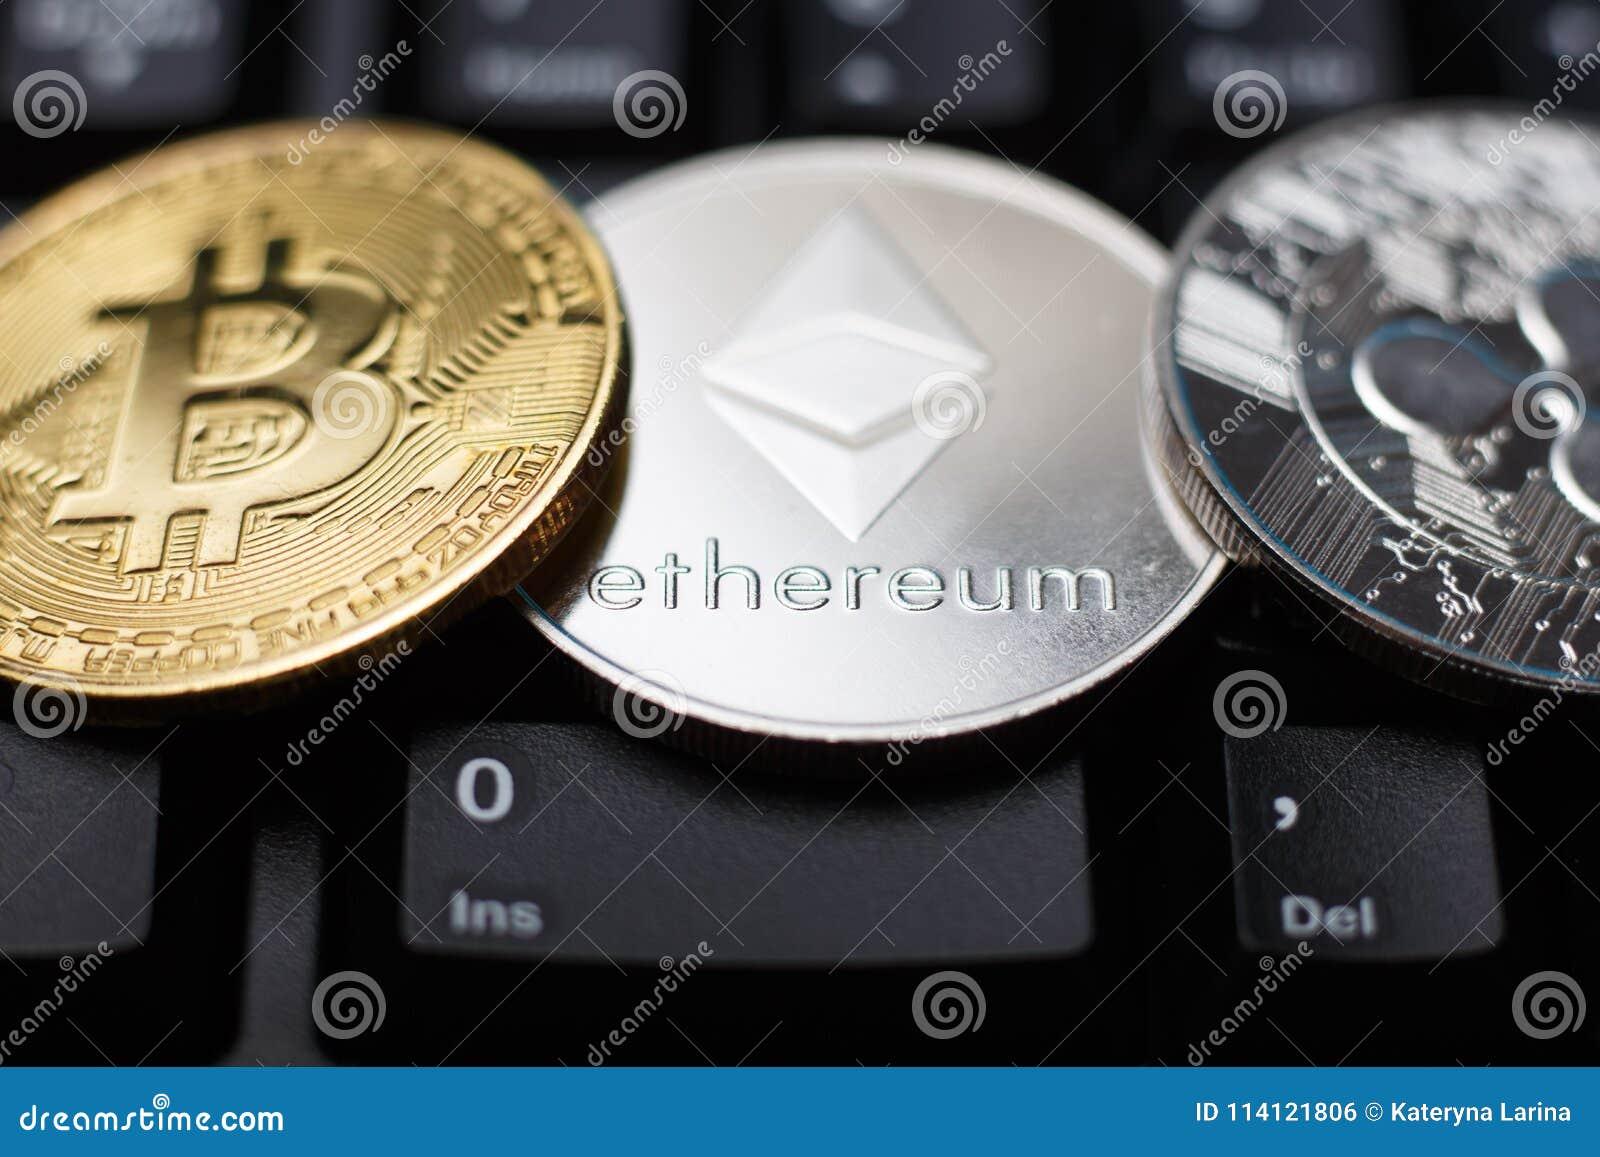 Ethereum moneta z bitcoin i czochrą